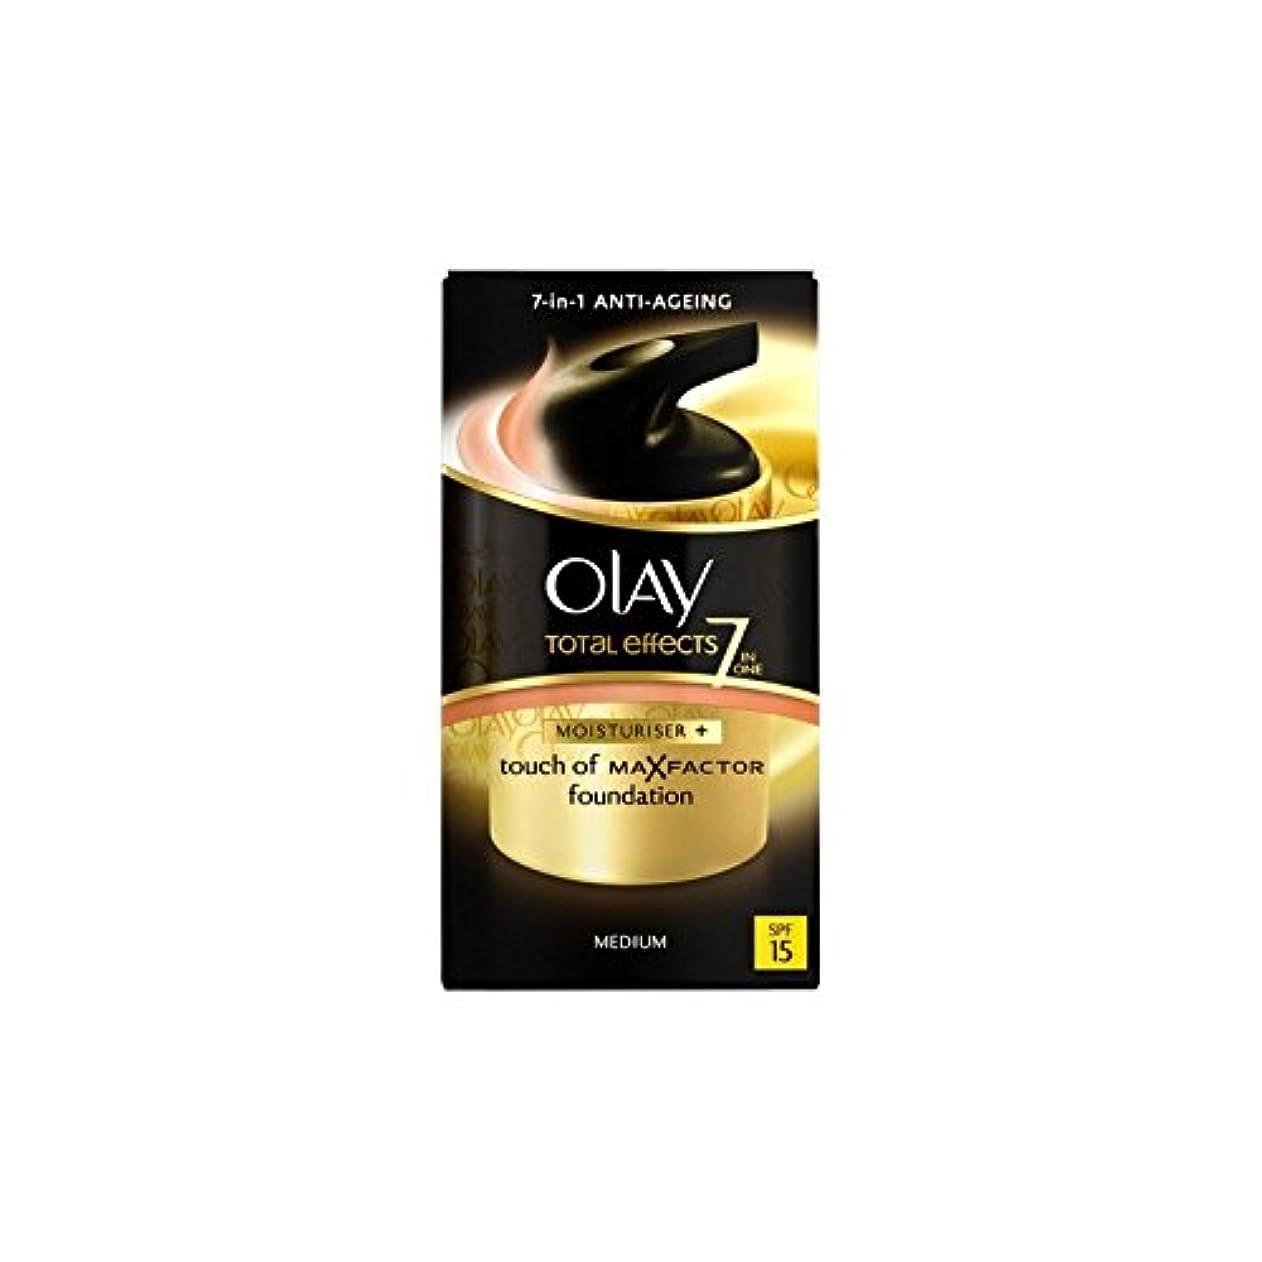 自己国際怠惰オーレイトータルエフェクト保湿クリーム15 - 培地(50ミリリットル) x2 - Olay Total Effects Moisturiser Bb Cream Spf15 - Medium (50ml) (Pack...